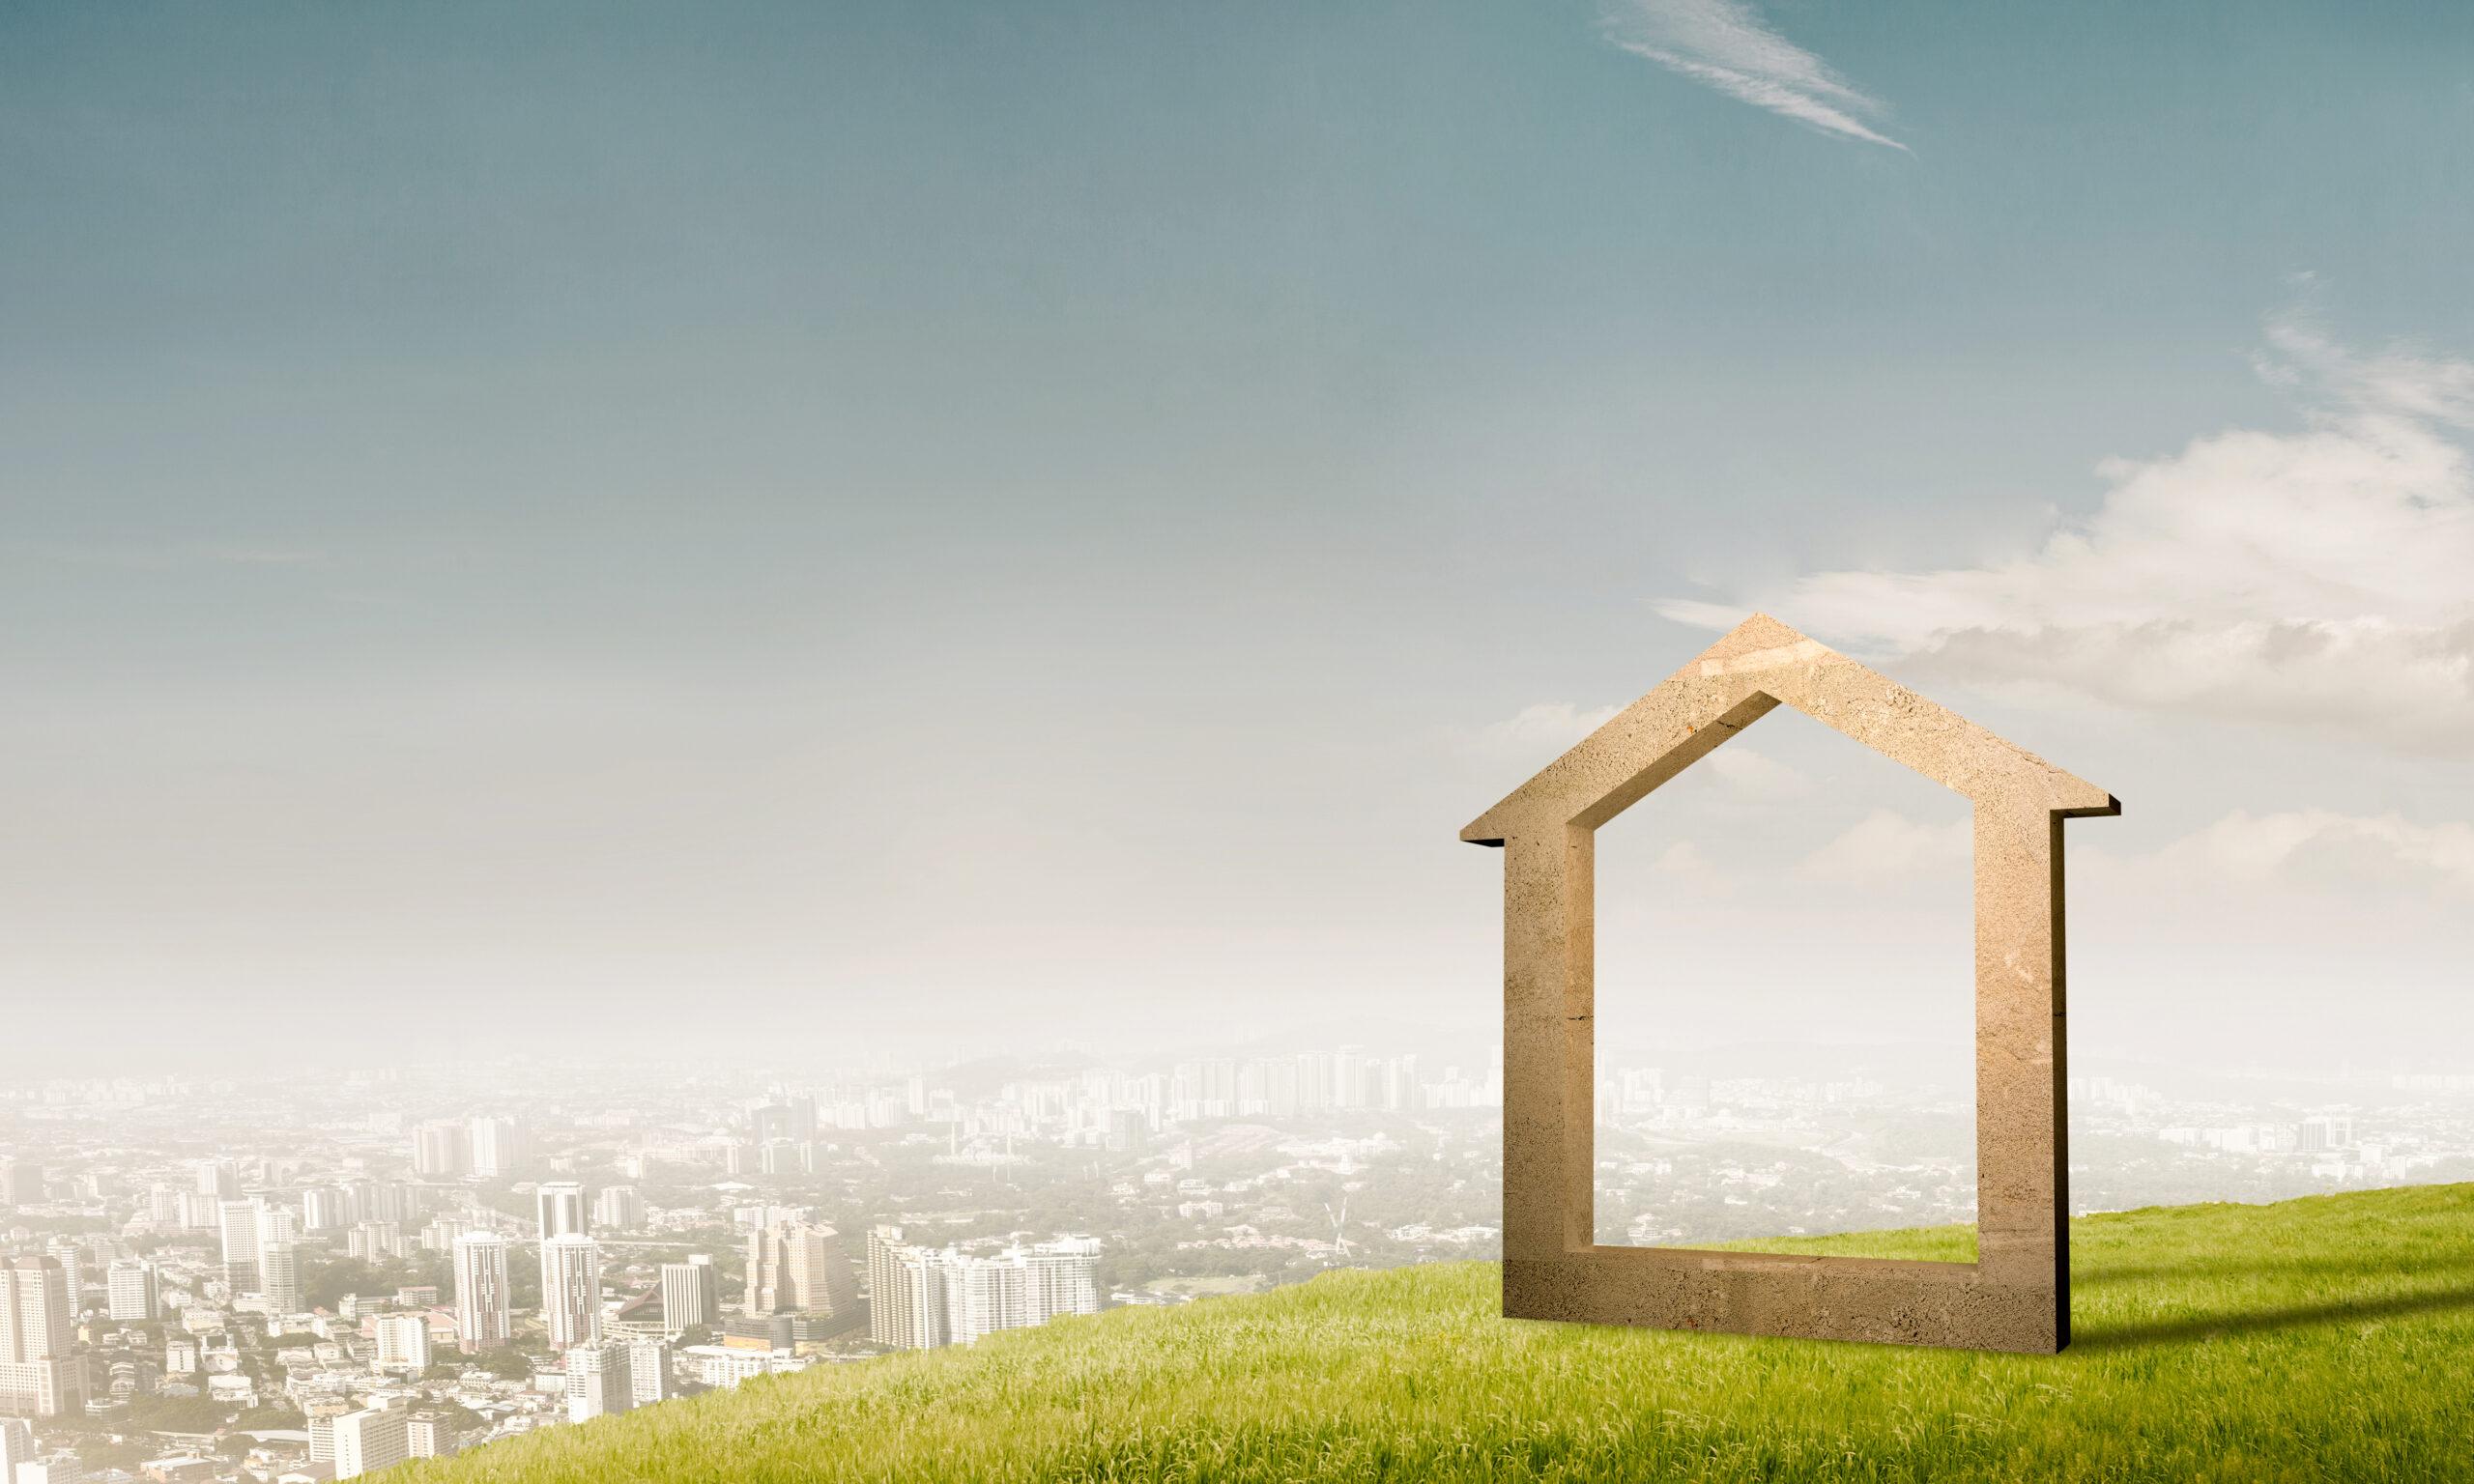 Servisco - marketing immobilier - agents immobiliers - photographes immobiliers professionnels - plans 2D - plans 3D - photographies immobilières - services immobiliers - meilleure agence de marketing immobilier - vendez une maison facilement - partenaire des agences immobilières